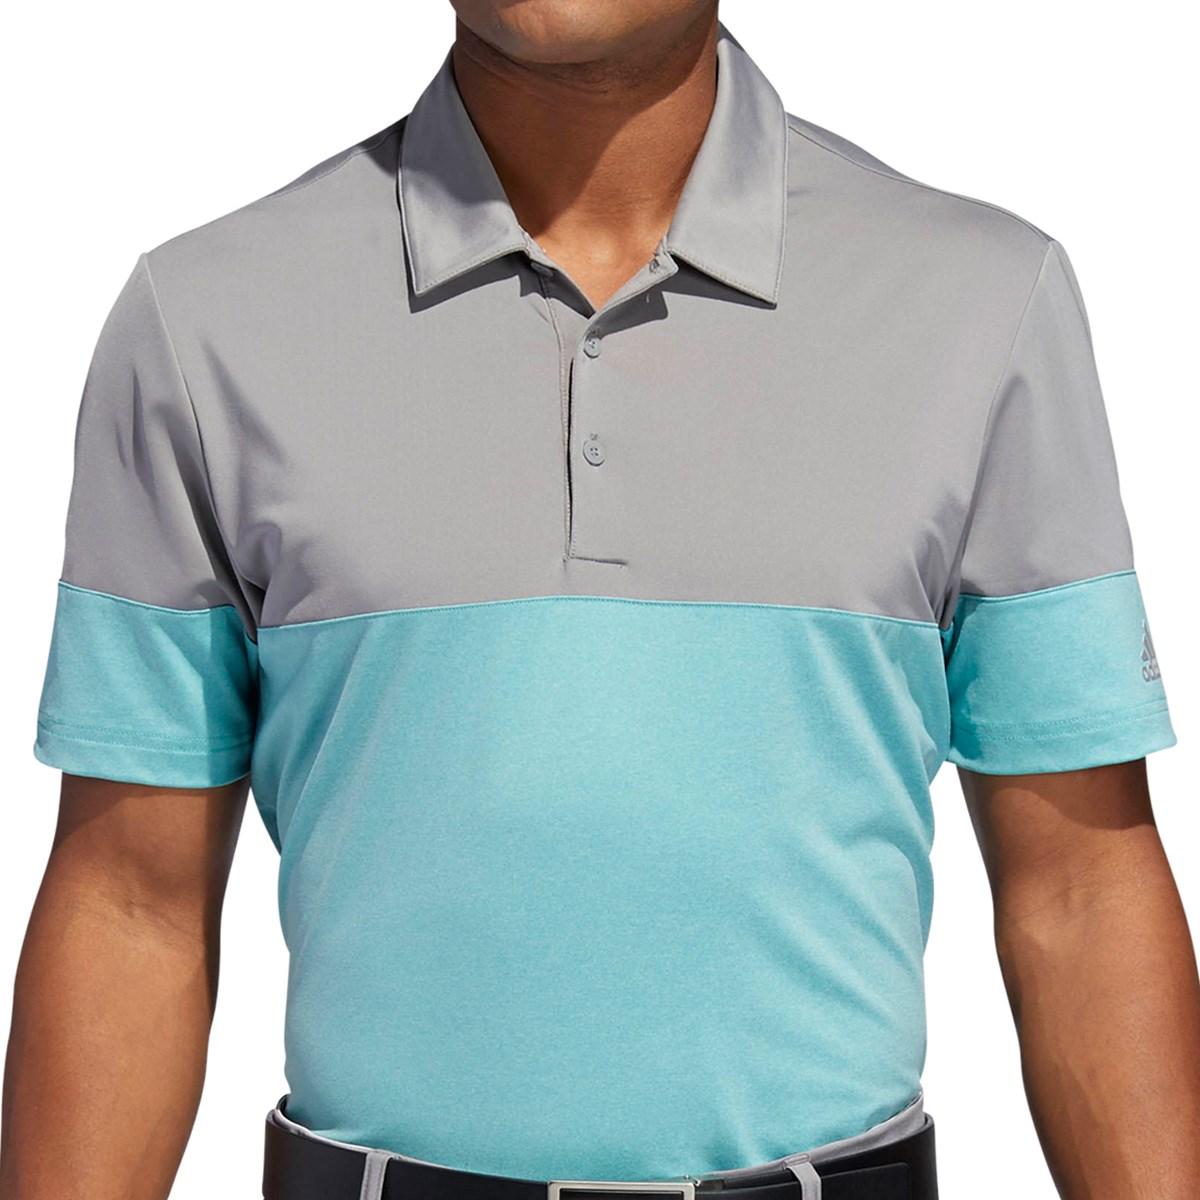 アディダス(adidas) ストレッチ ULTIMATE365 バイカラー 半袖ポロシャツ